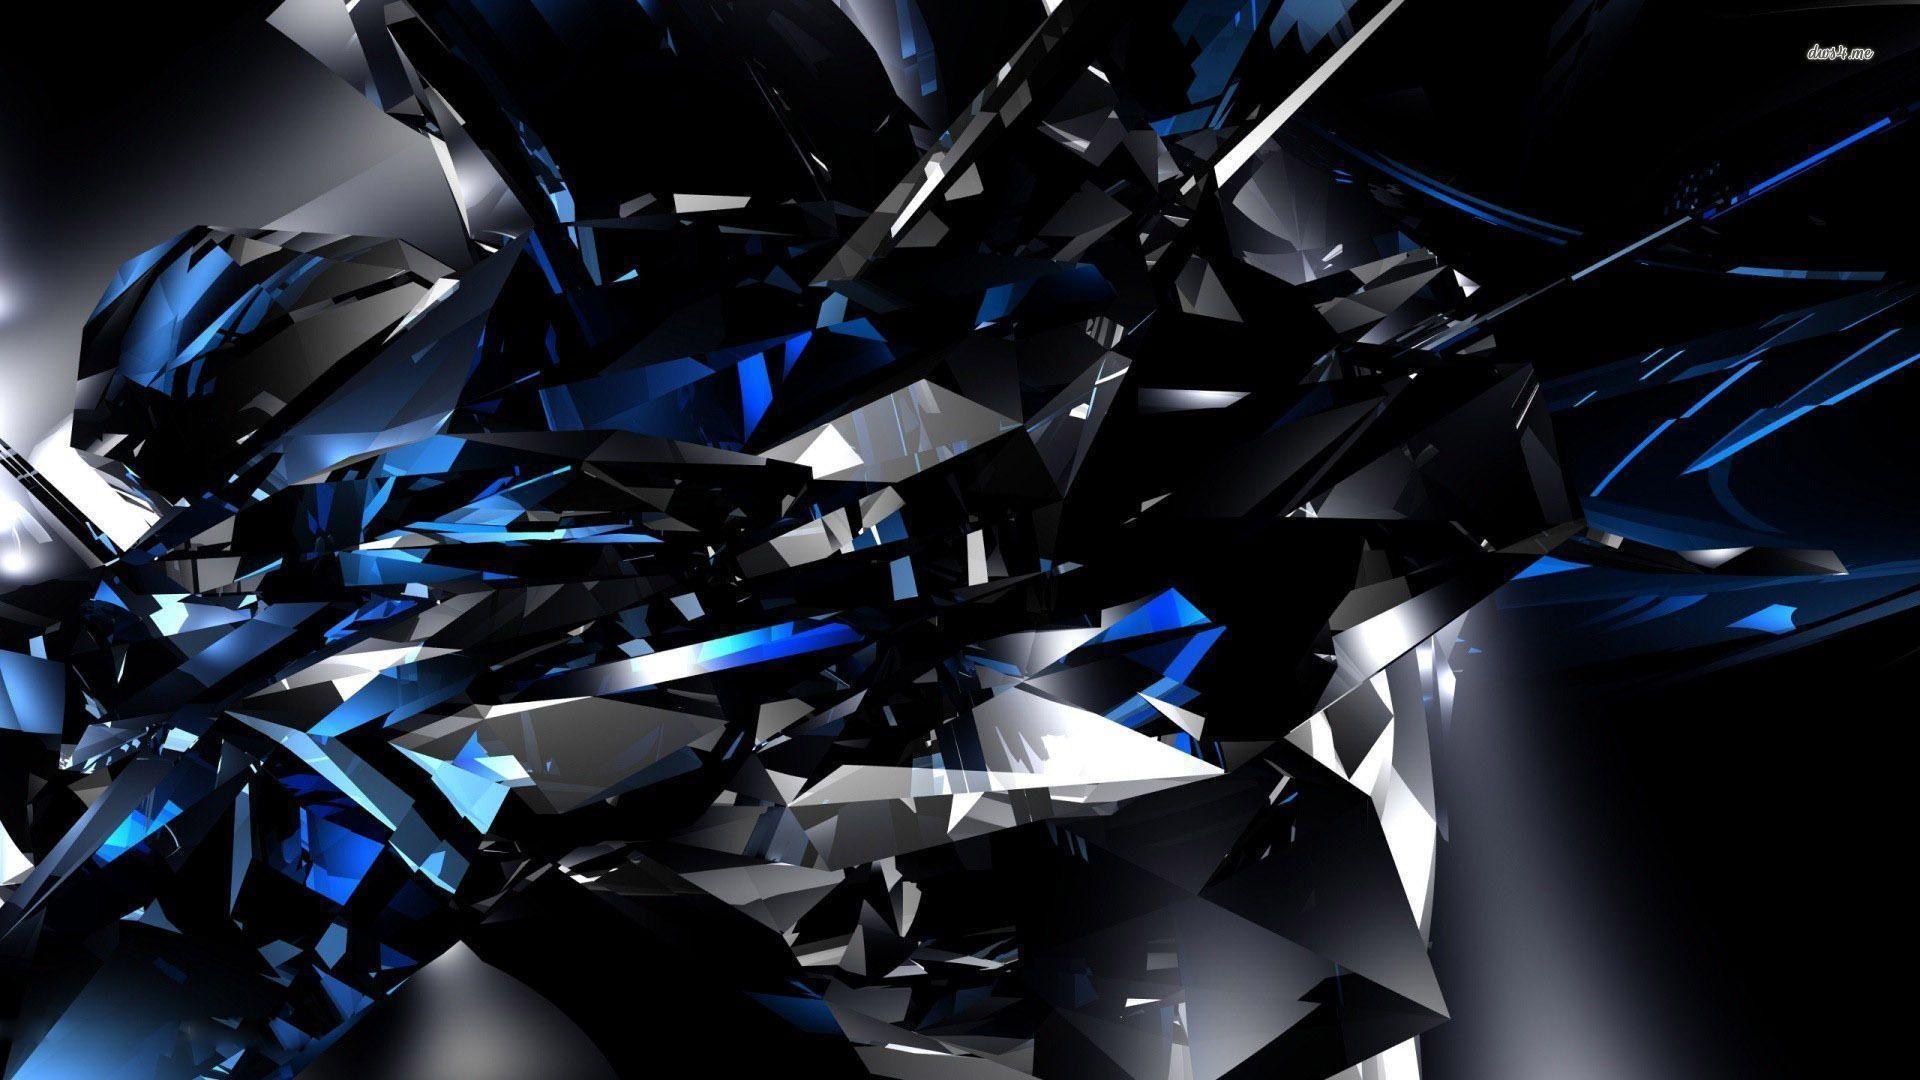 Crystals Wallpaper, 3 D Wallpaper